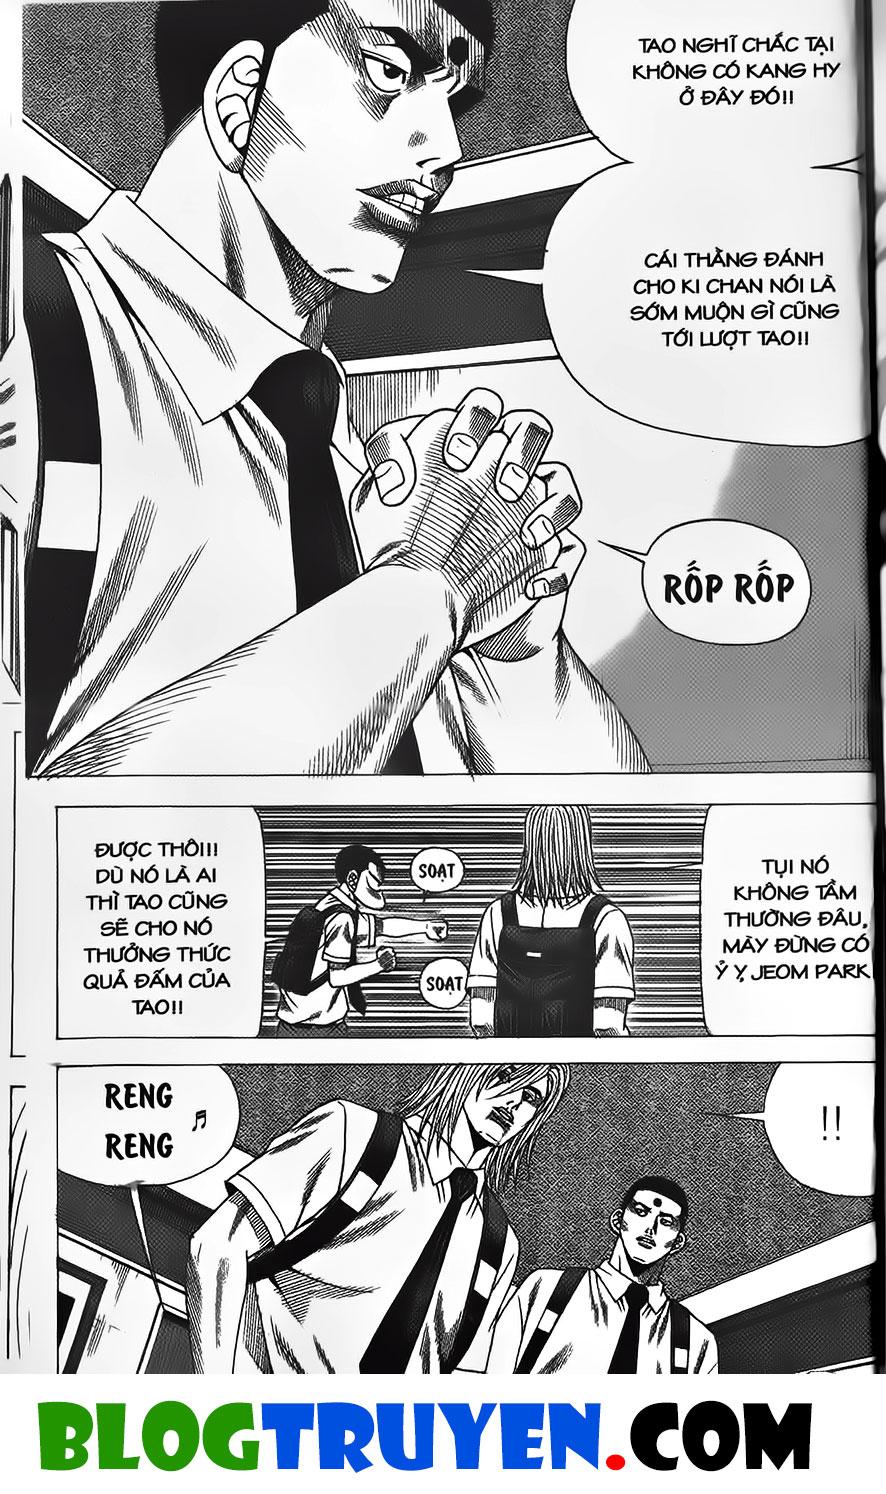 Bitagi - Anh chàng ngổ ngáo chap 355 trang 20